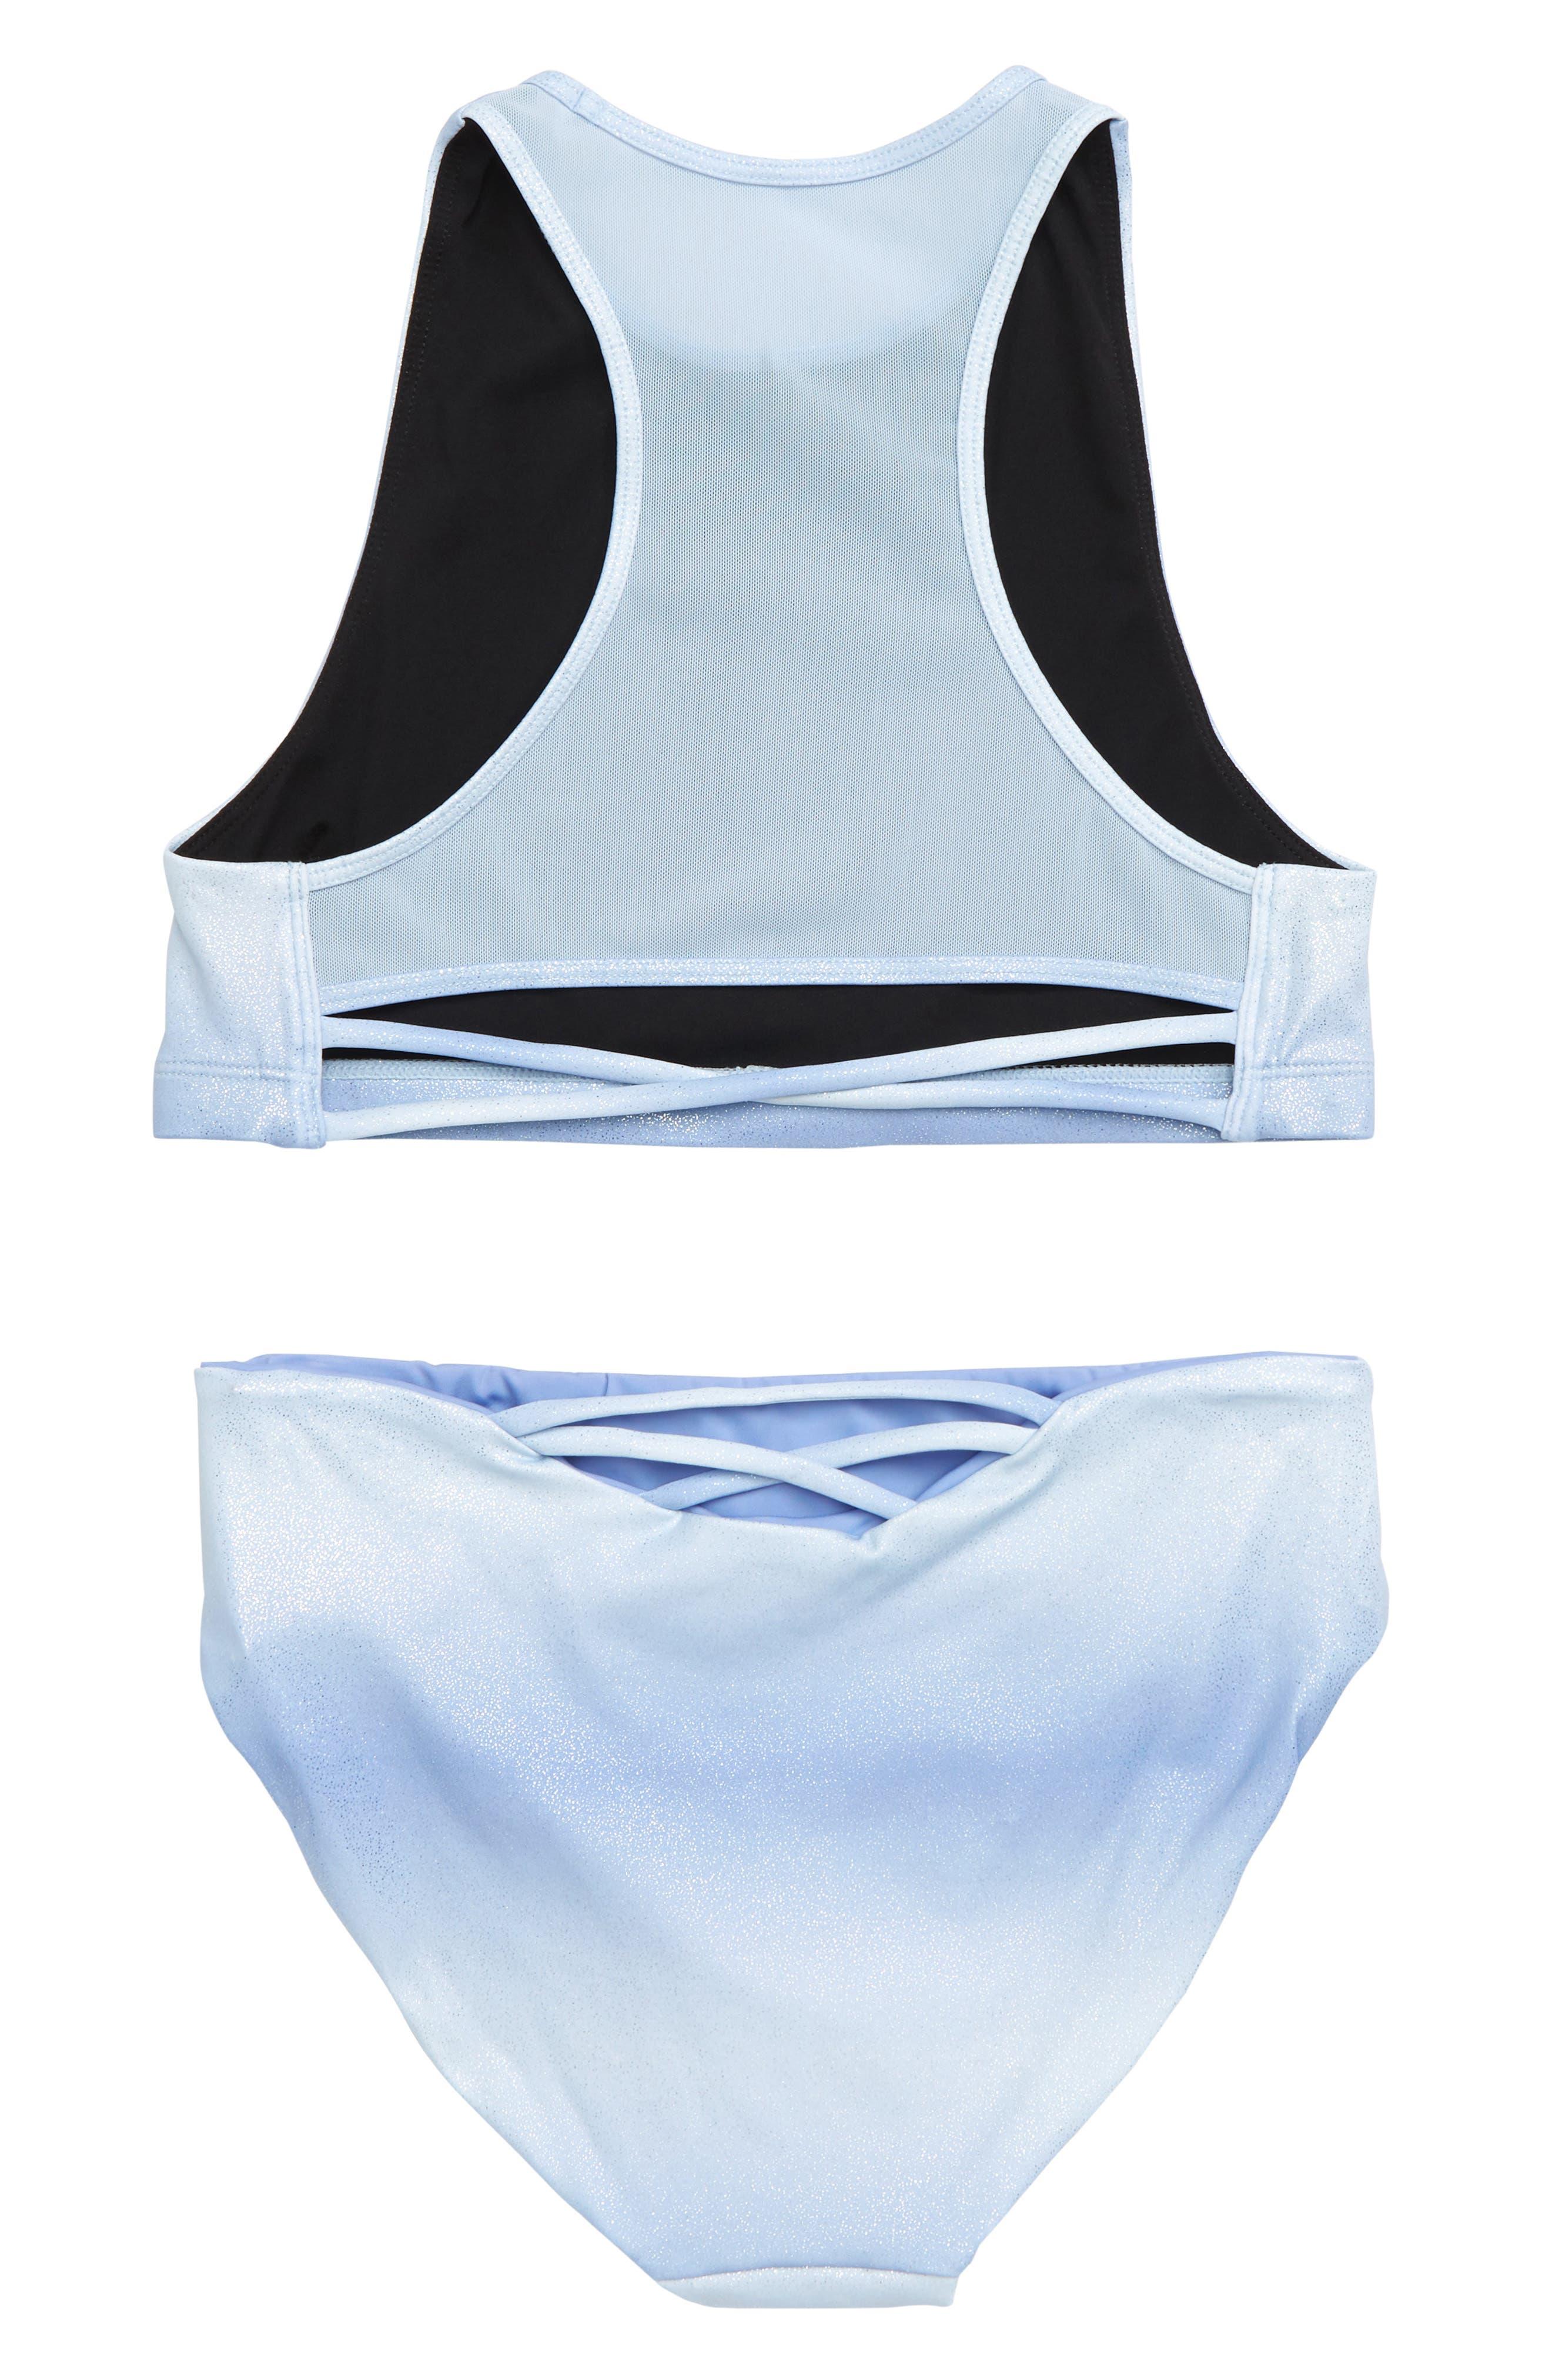 Two-Piece Racerback Swimsuit,                             Alternate thumbnail 3, color,                             BLUE HAZE OMBRE